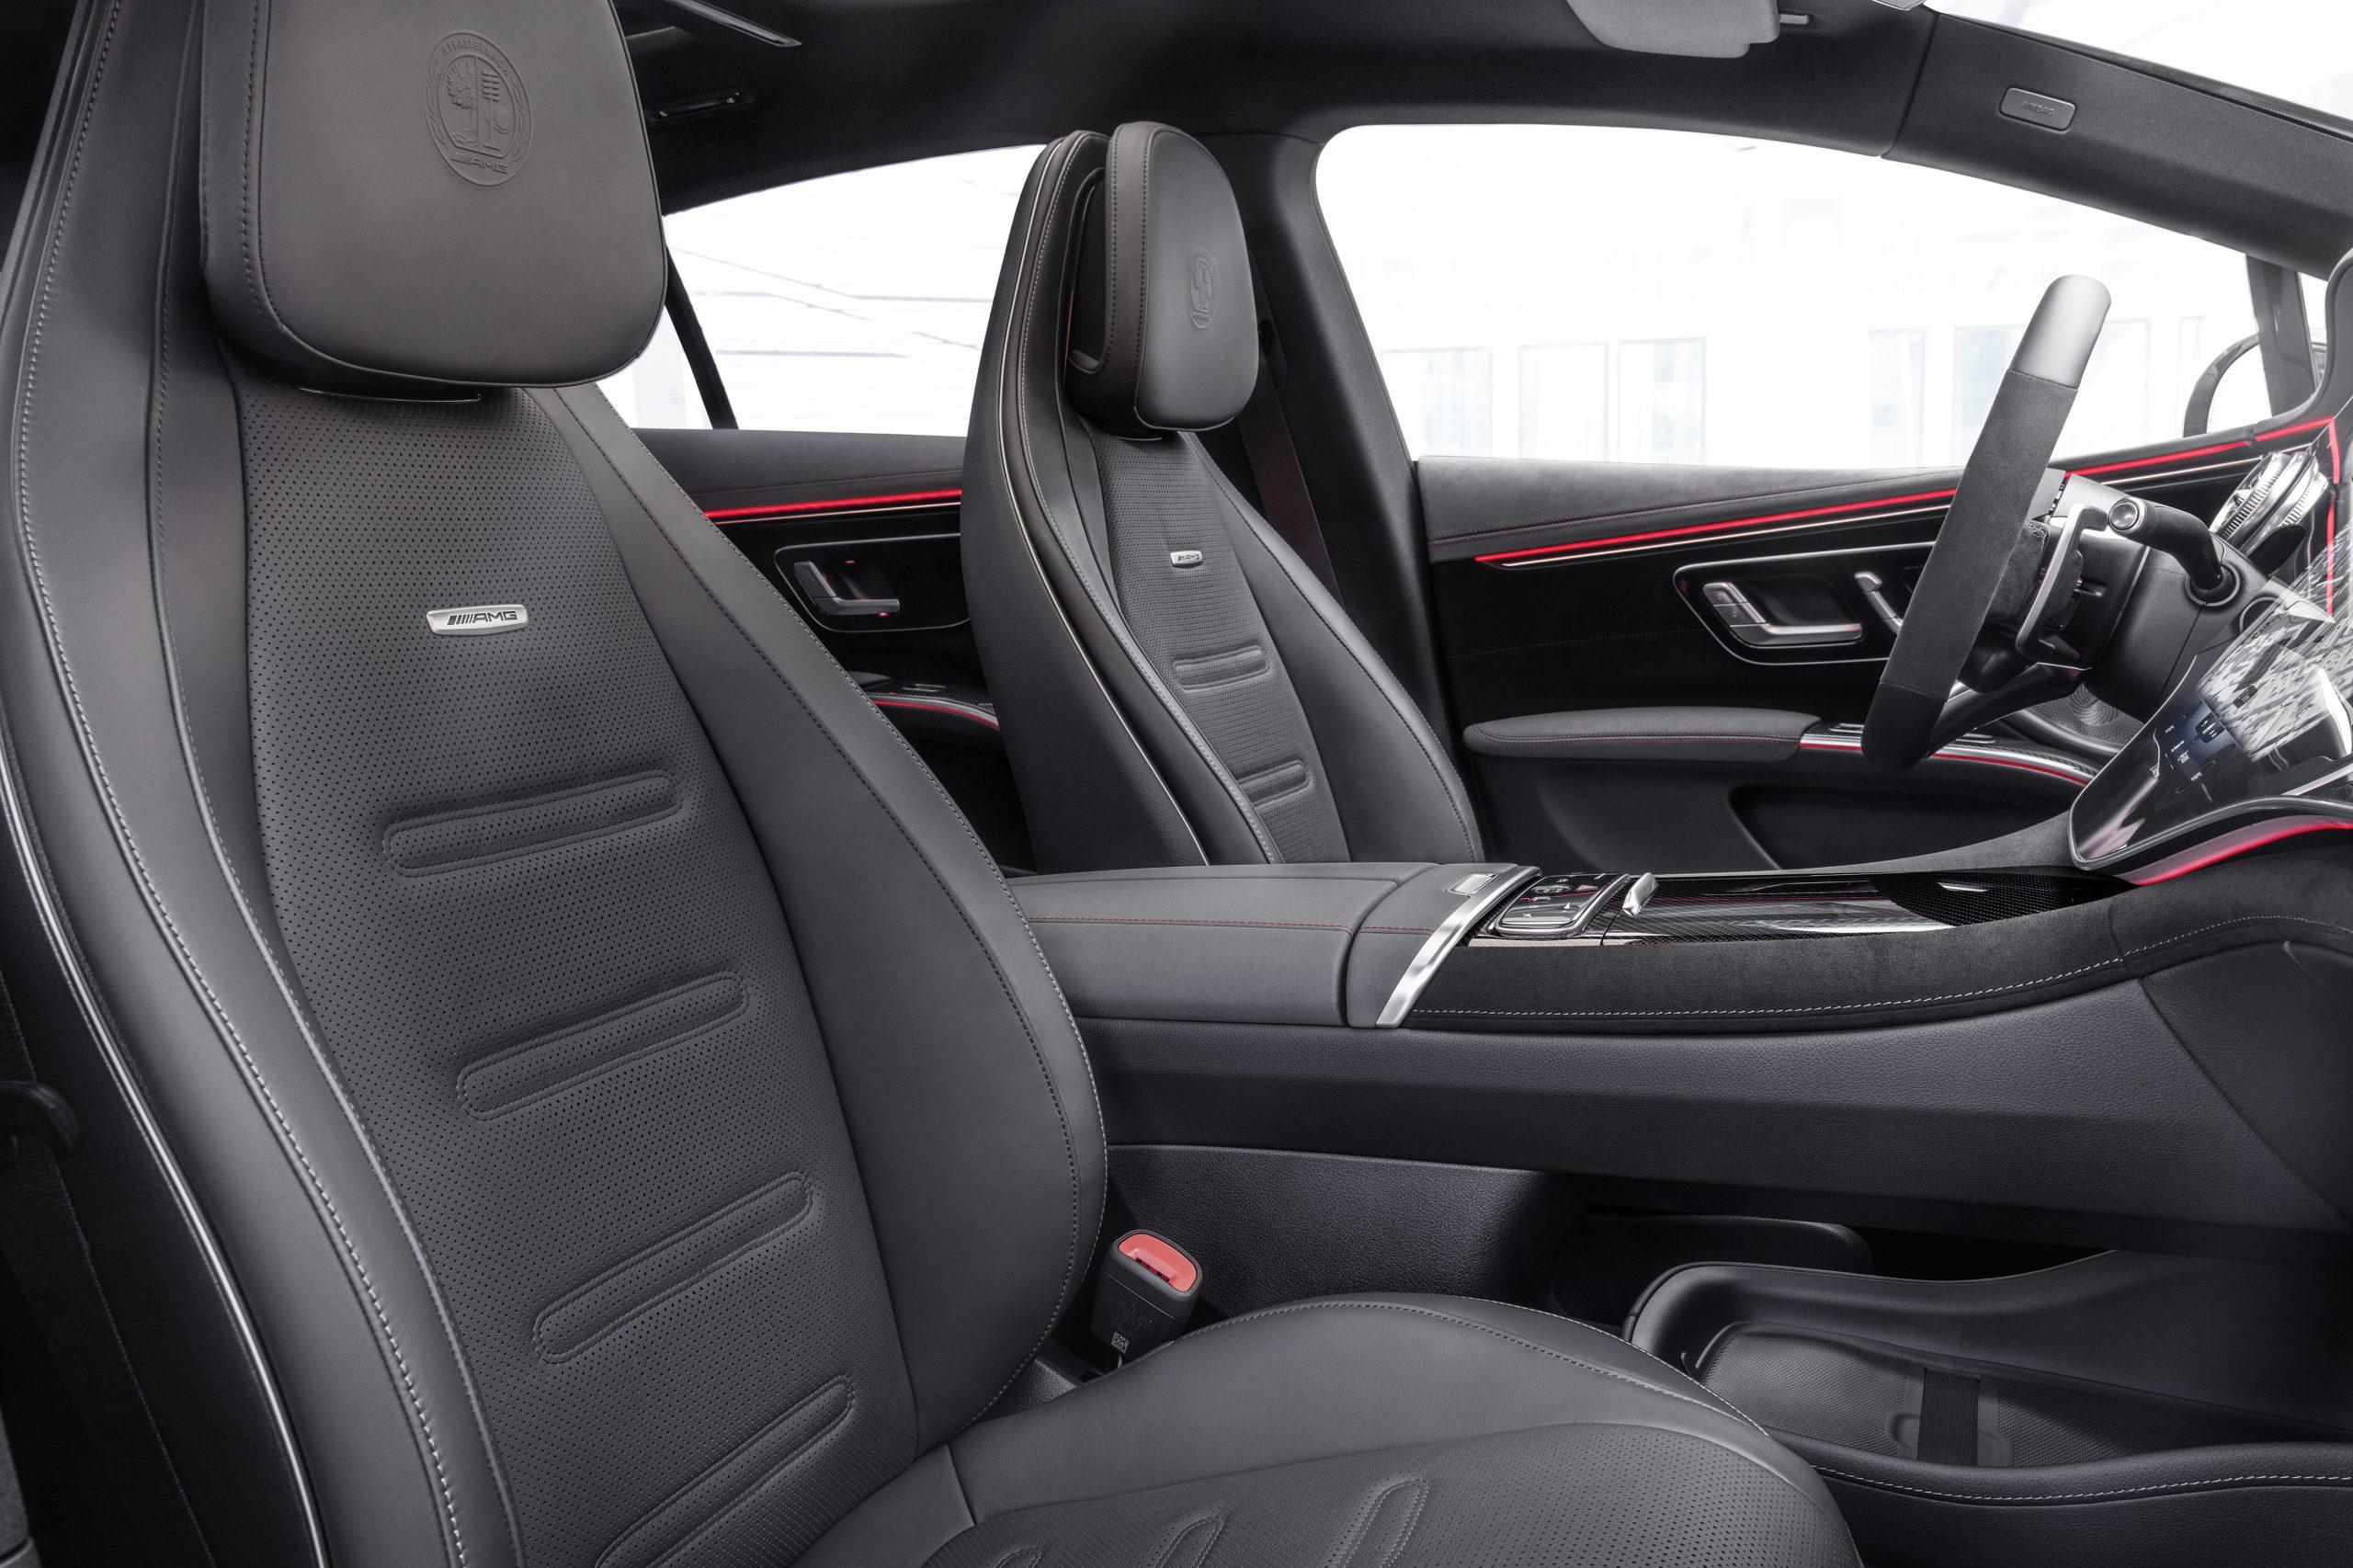 2021 Mercedes-AMG EQS 53 interior front seats